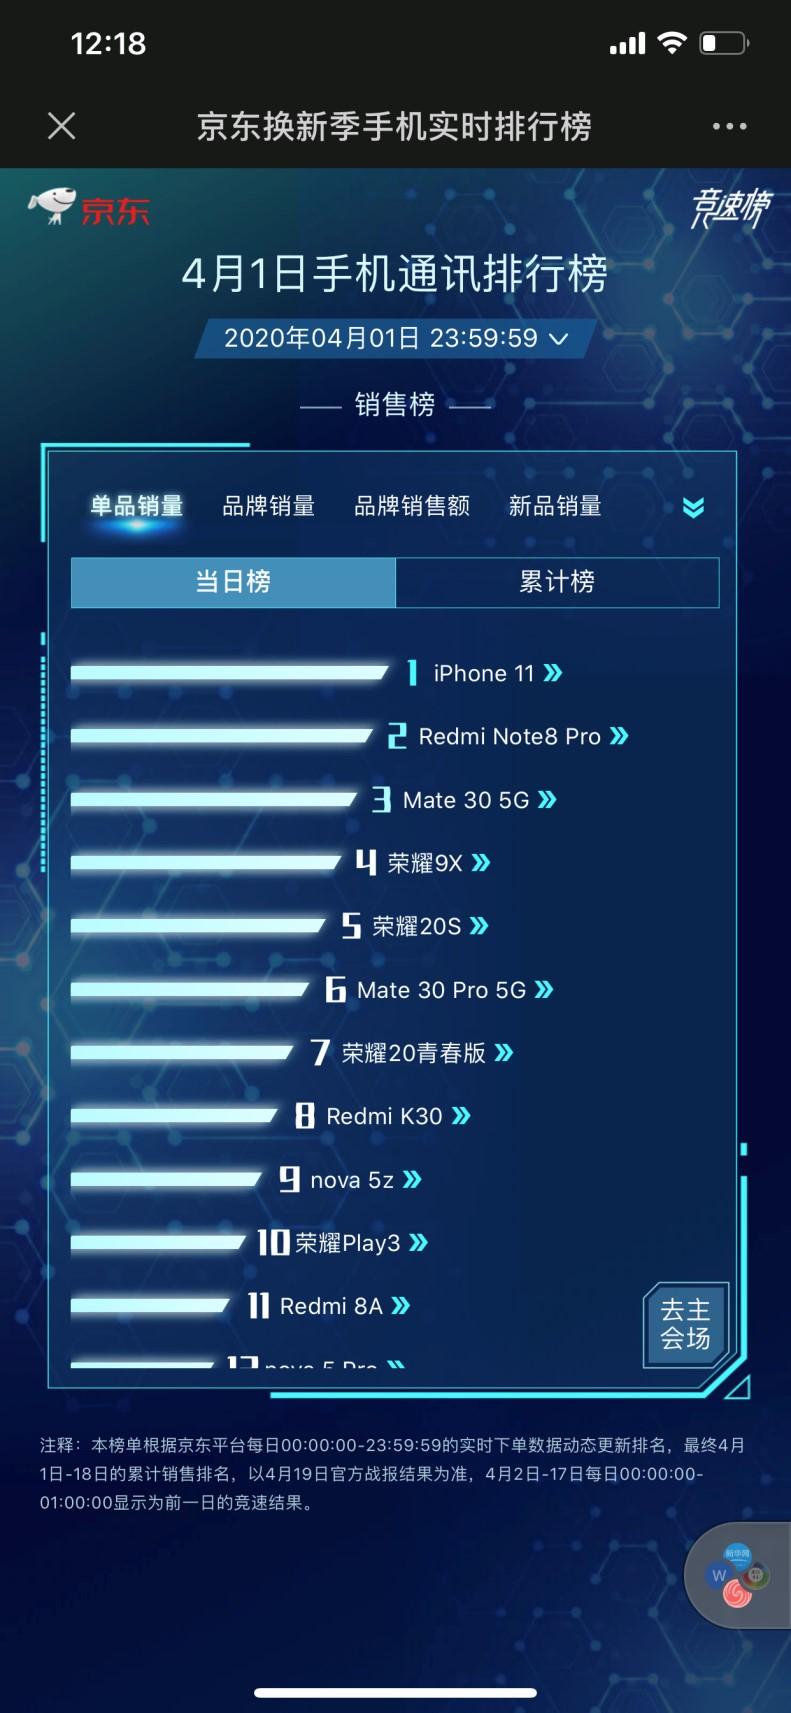 京东手机换新季5G新品竞速:王一博同款Redmi占据状元探花两席